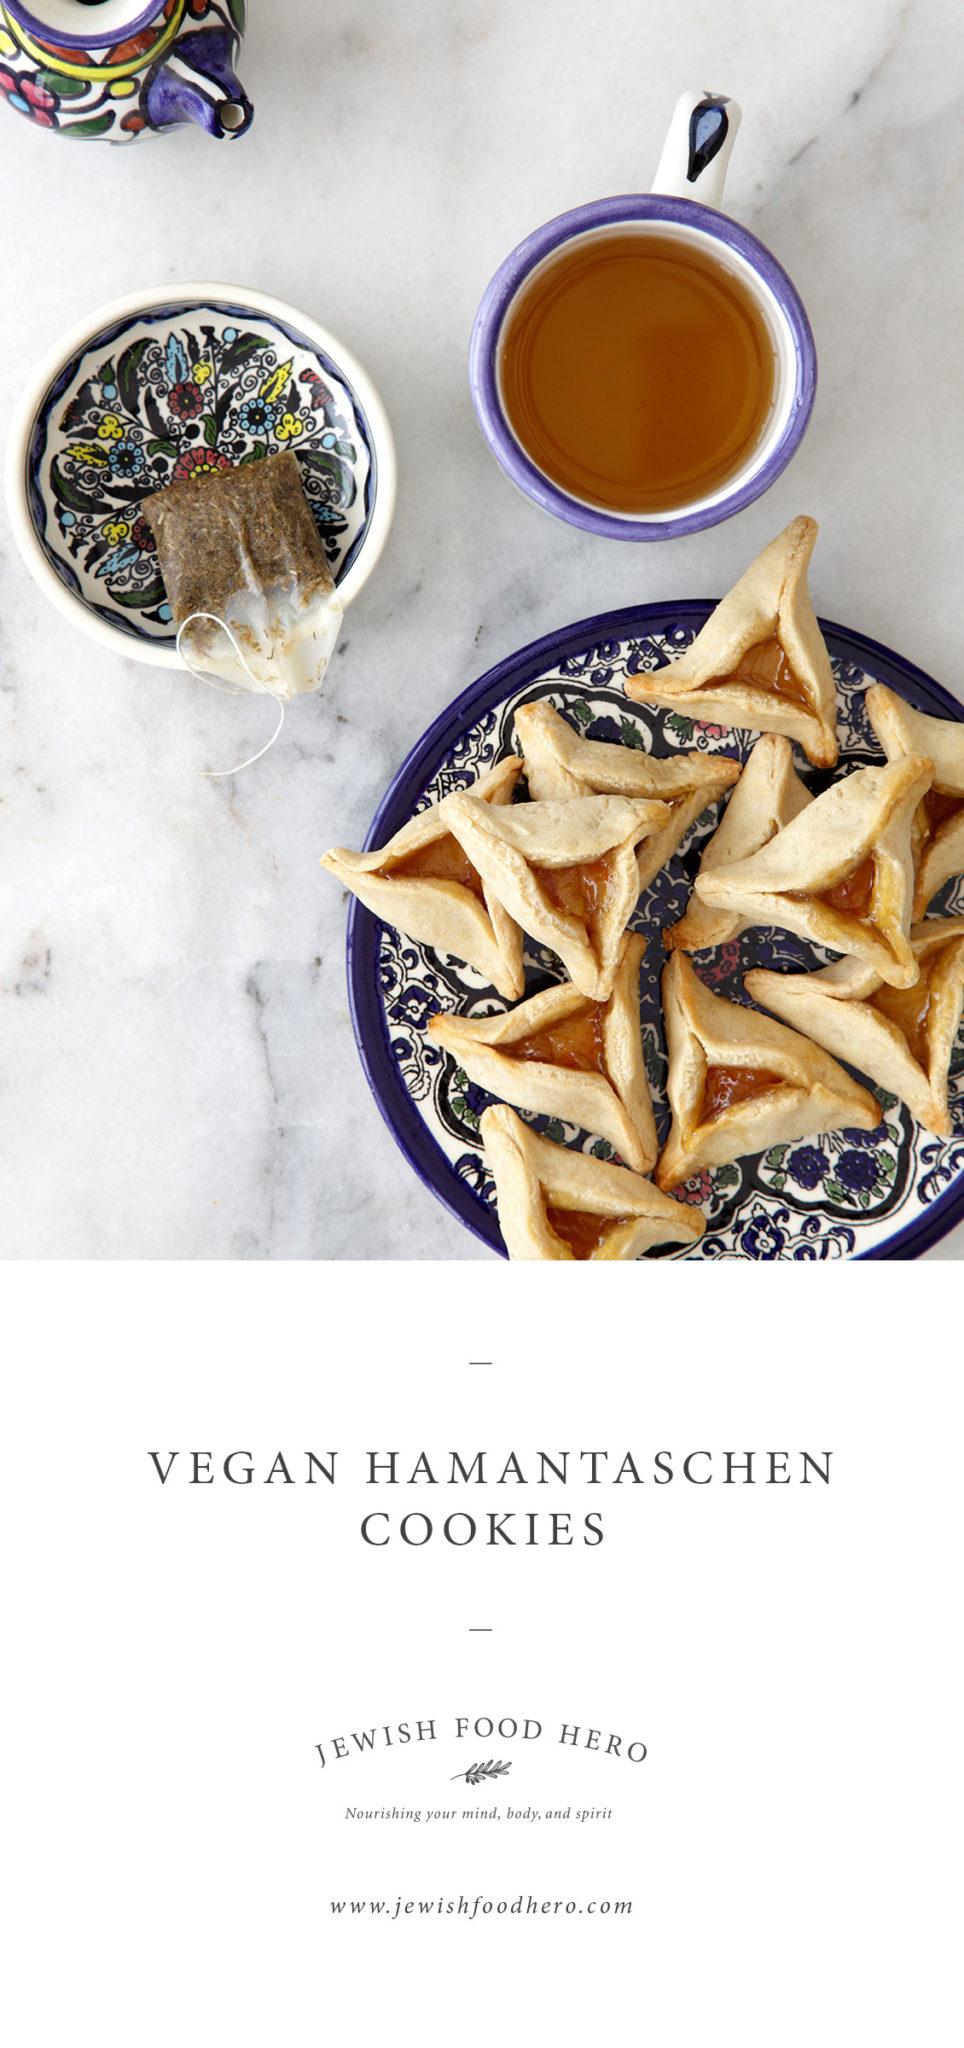 Vegan Hamantaschen Cookies